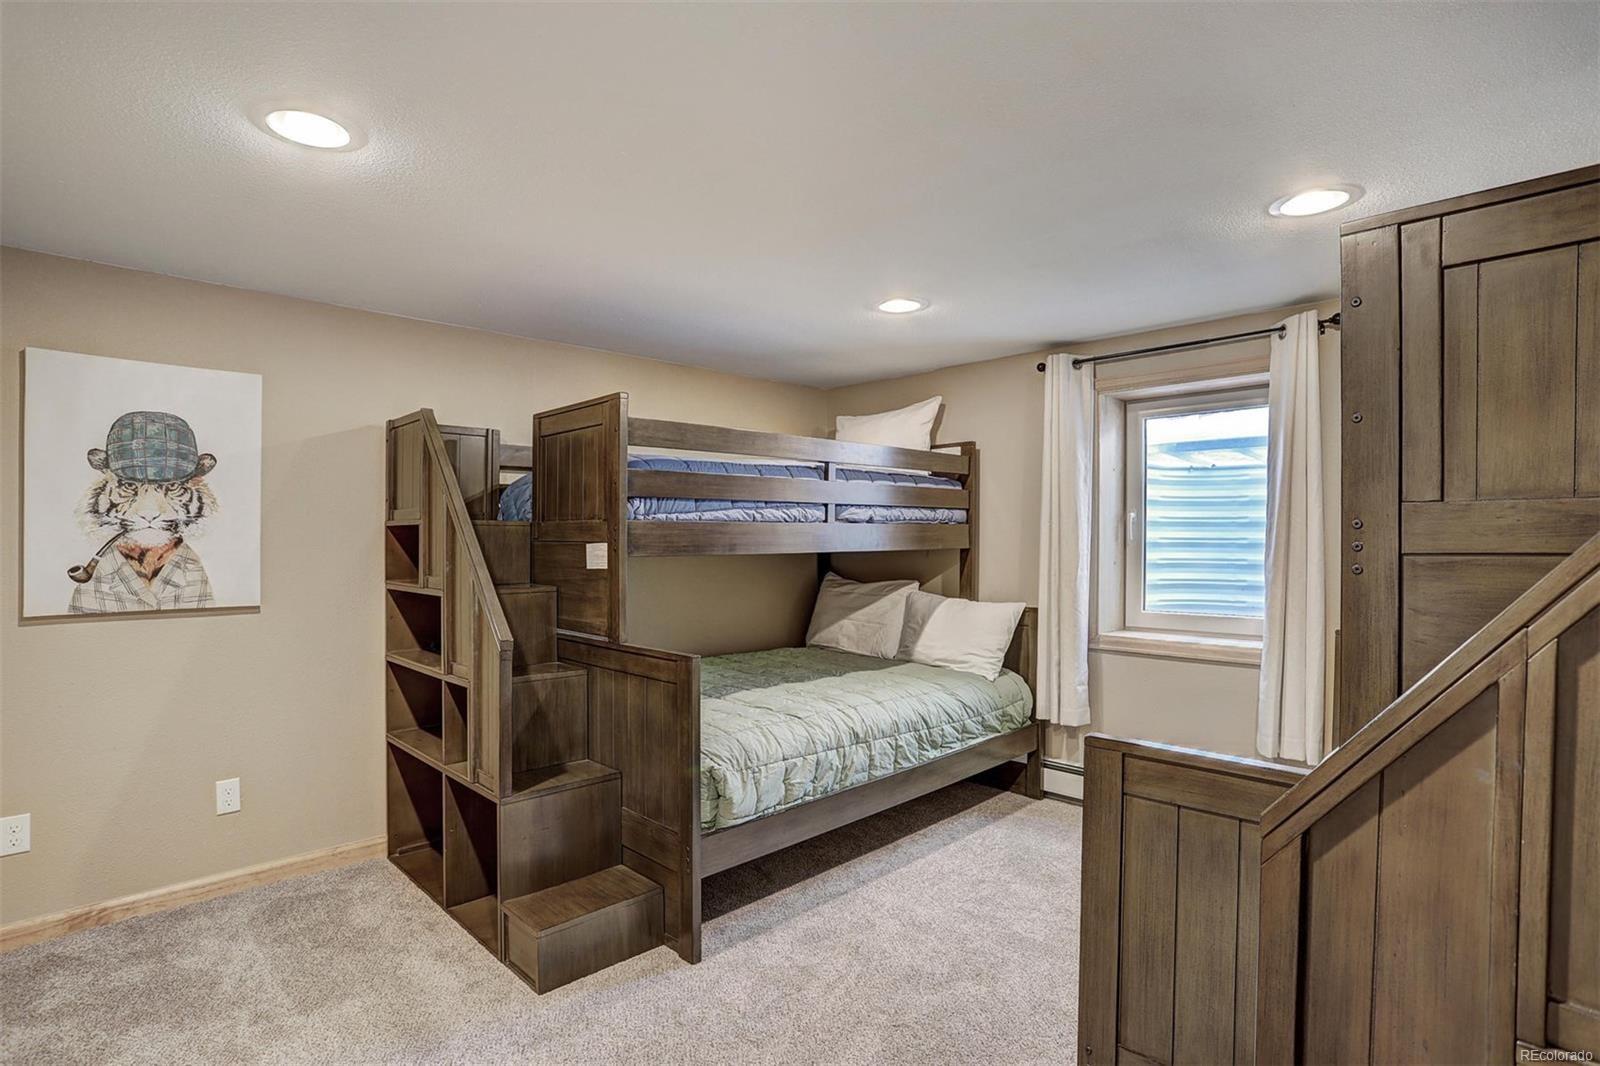 MLS# 6560106 - 30 - 1105 Mesa Drive, Silverthorne, CO 80498